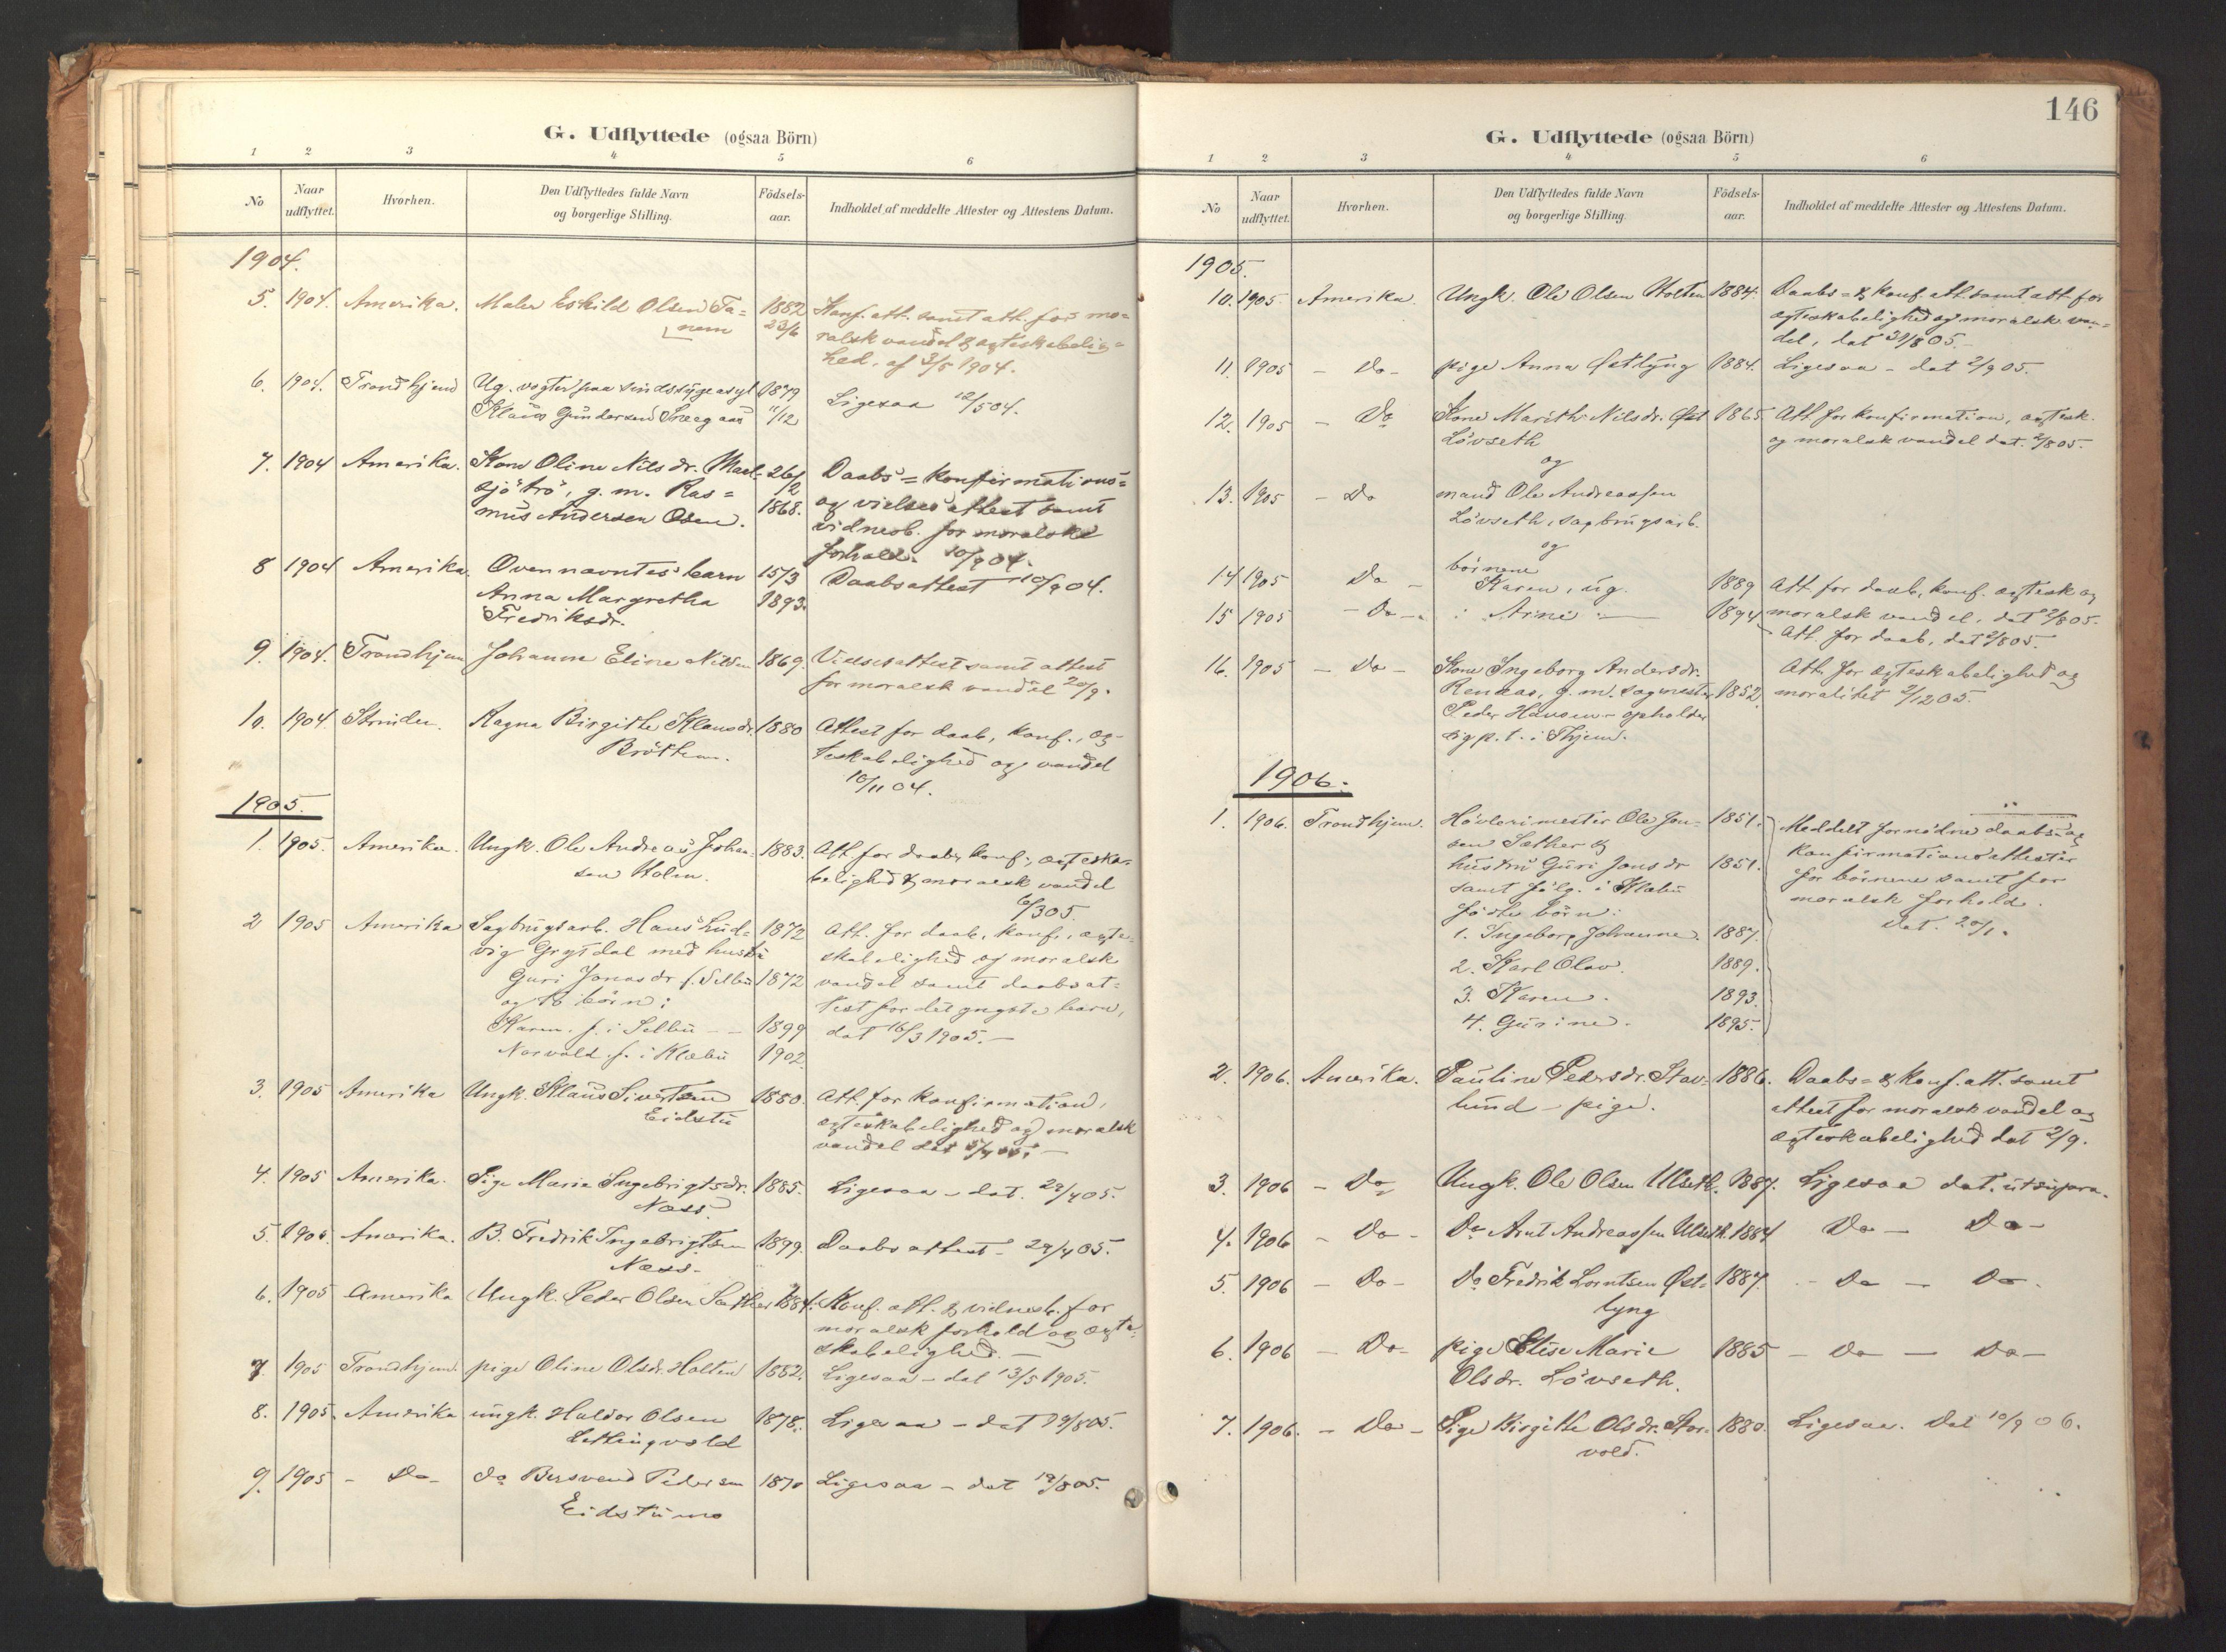 SAT, Ministerialprotokoller, klokkerbøker og fødselsregistre - Sør-Trøndelag, 618/L0448: Ministerialbok nr. 618A11, 1898-1916, s. 146